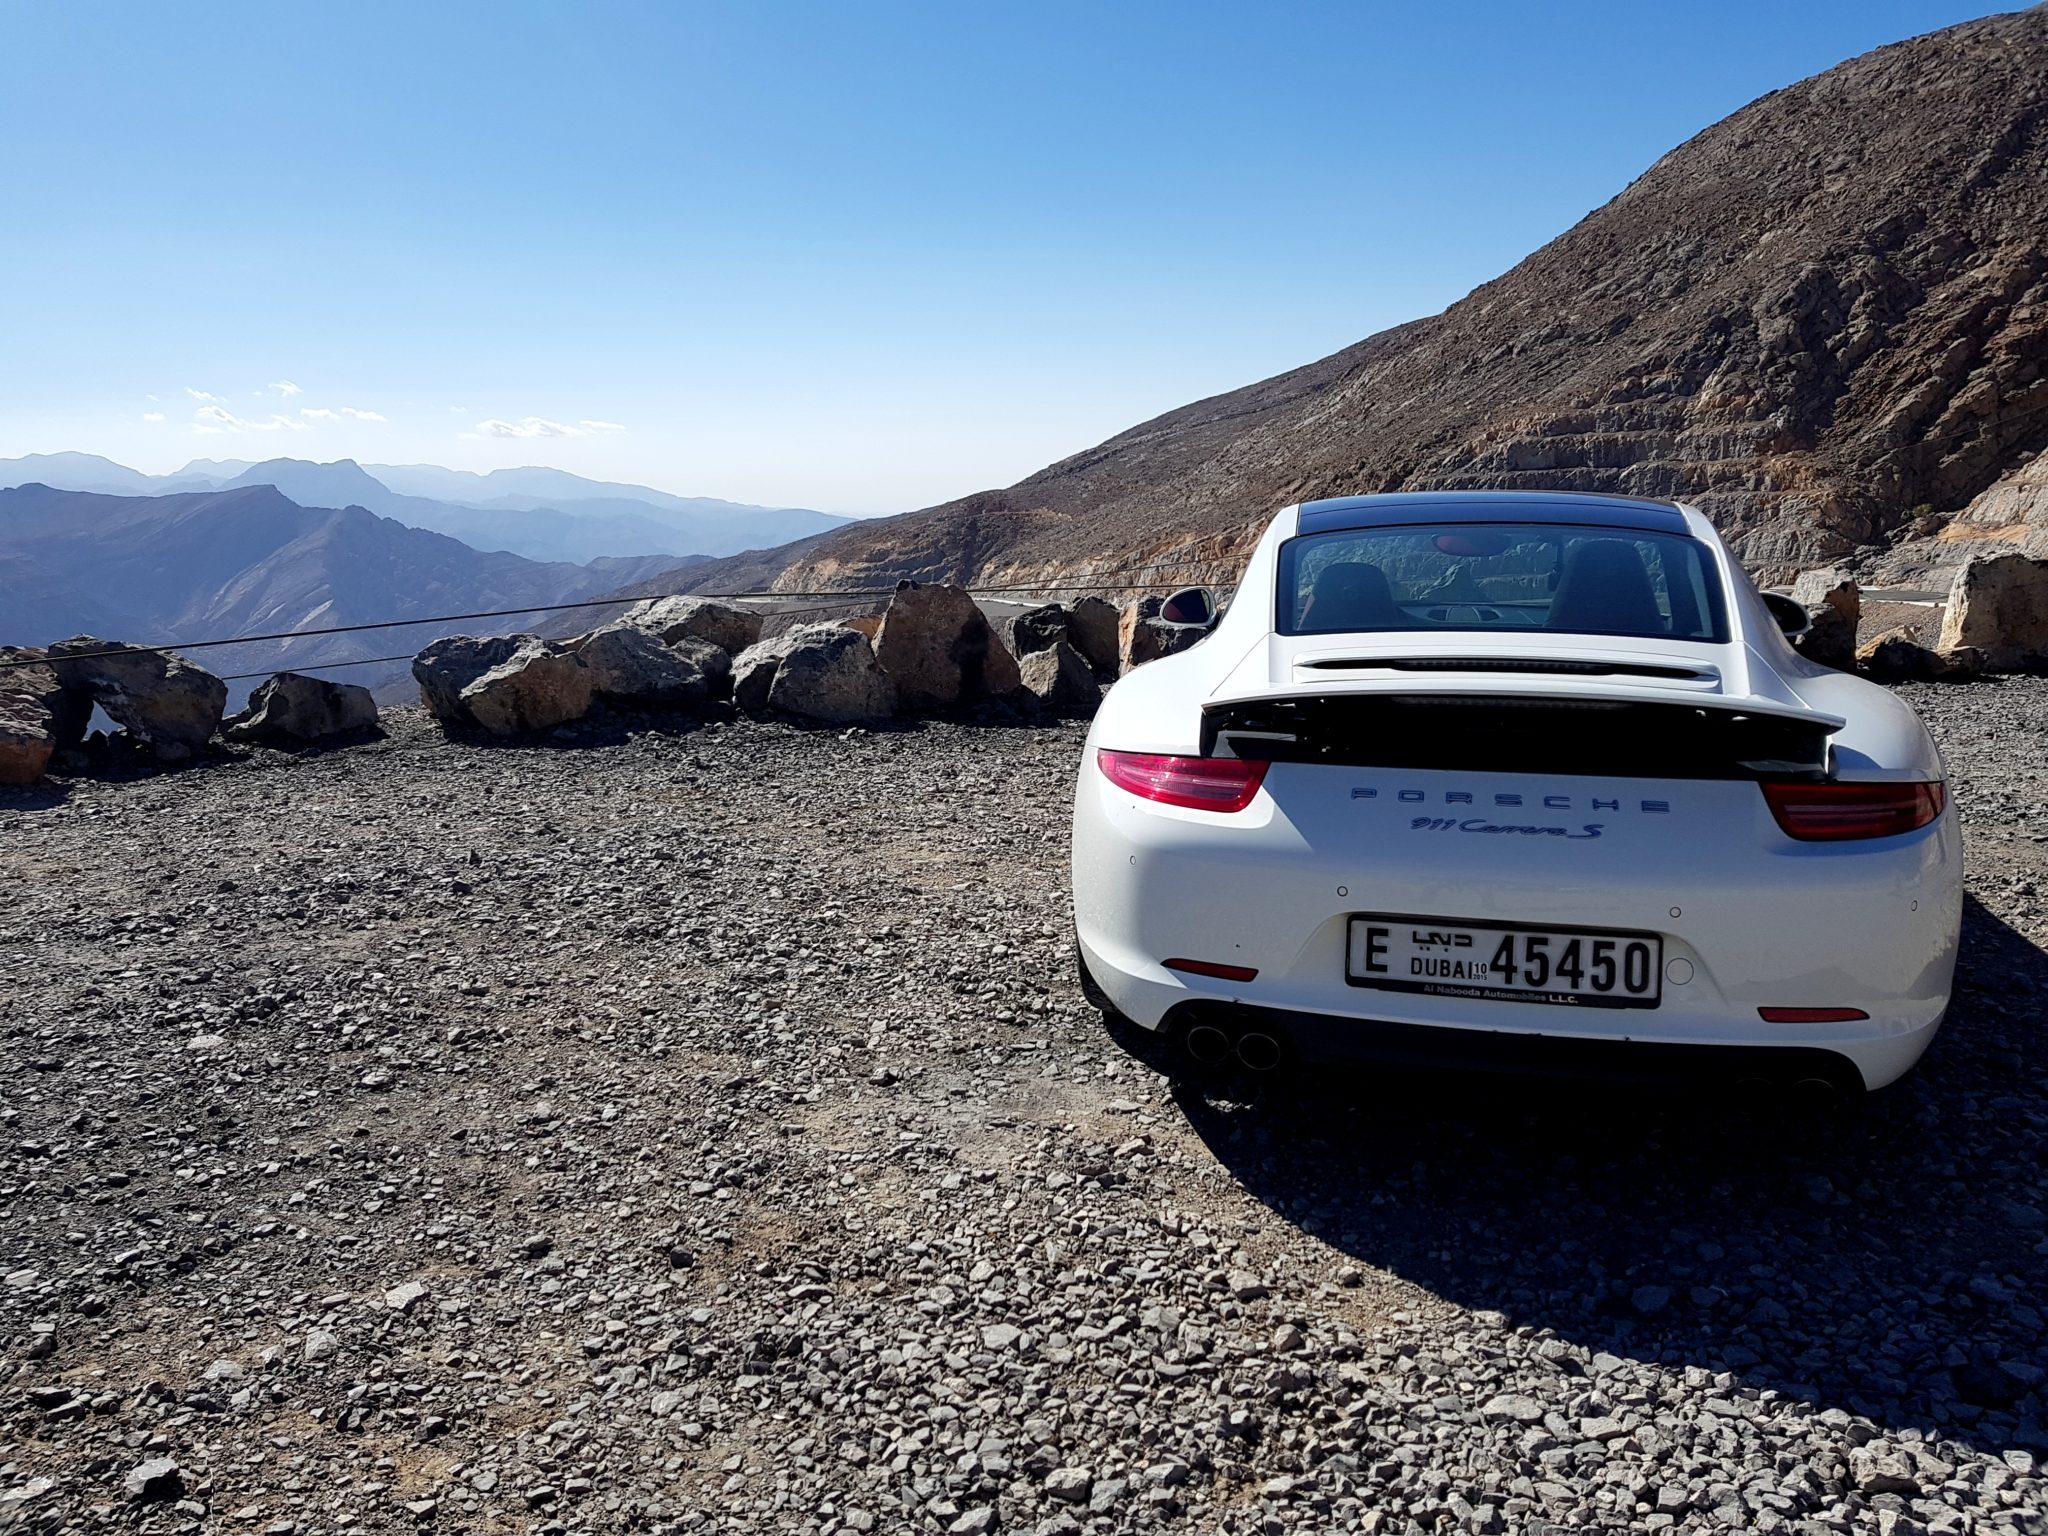 A Porsche on a Desert Mountain